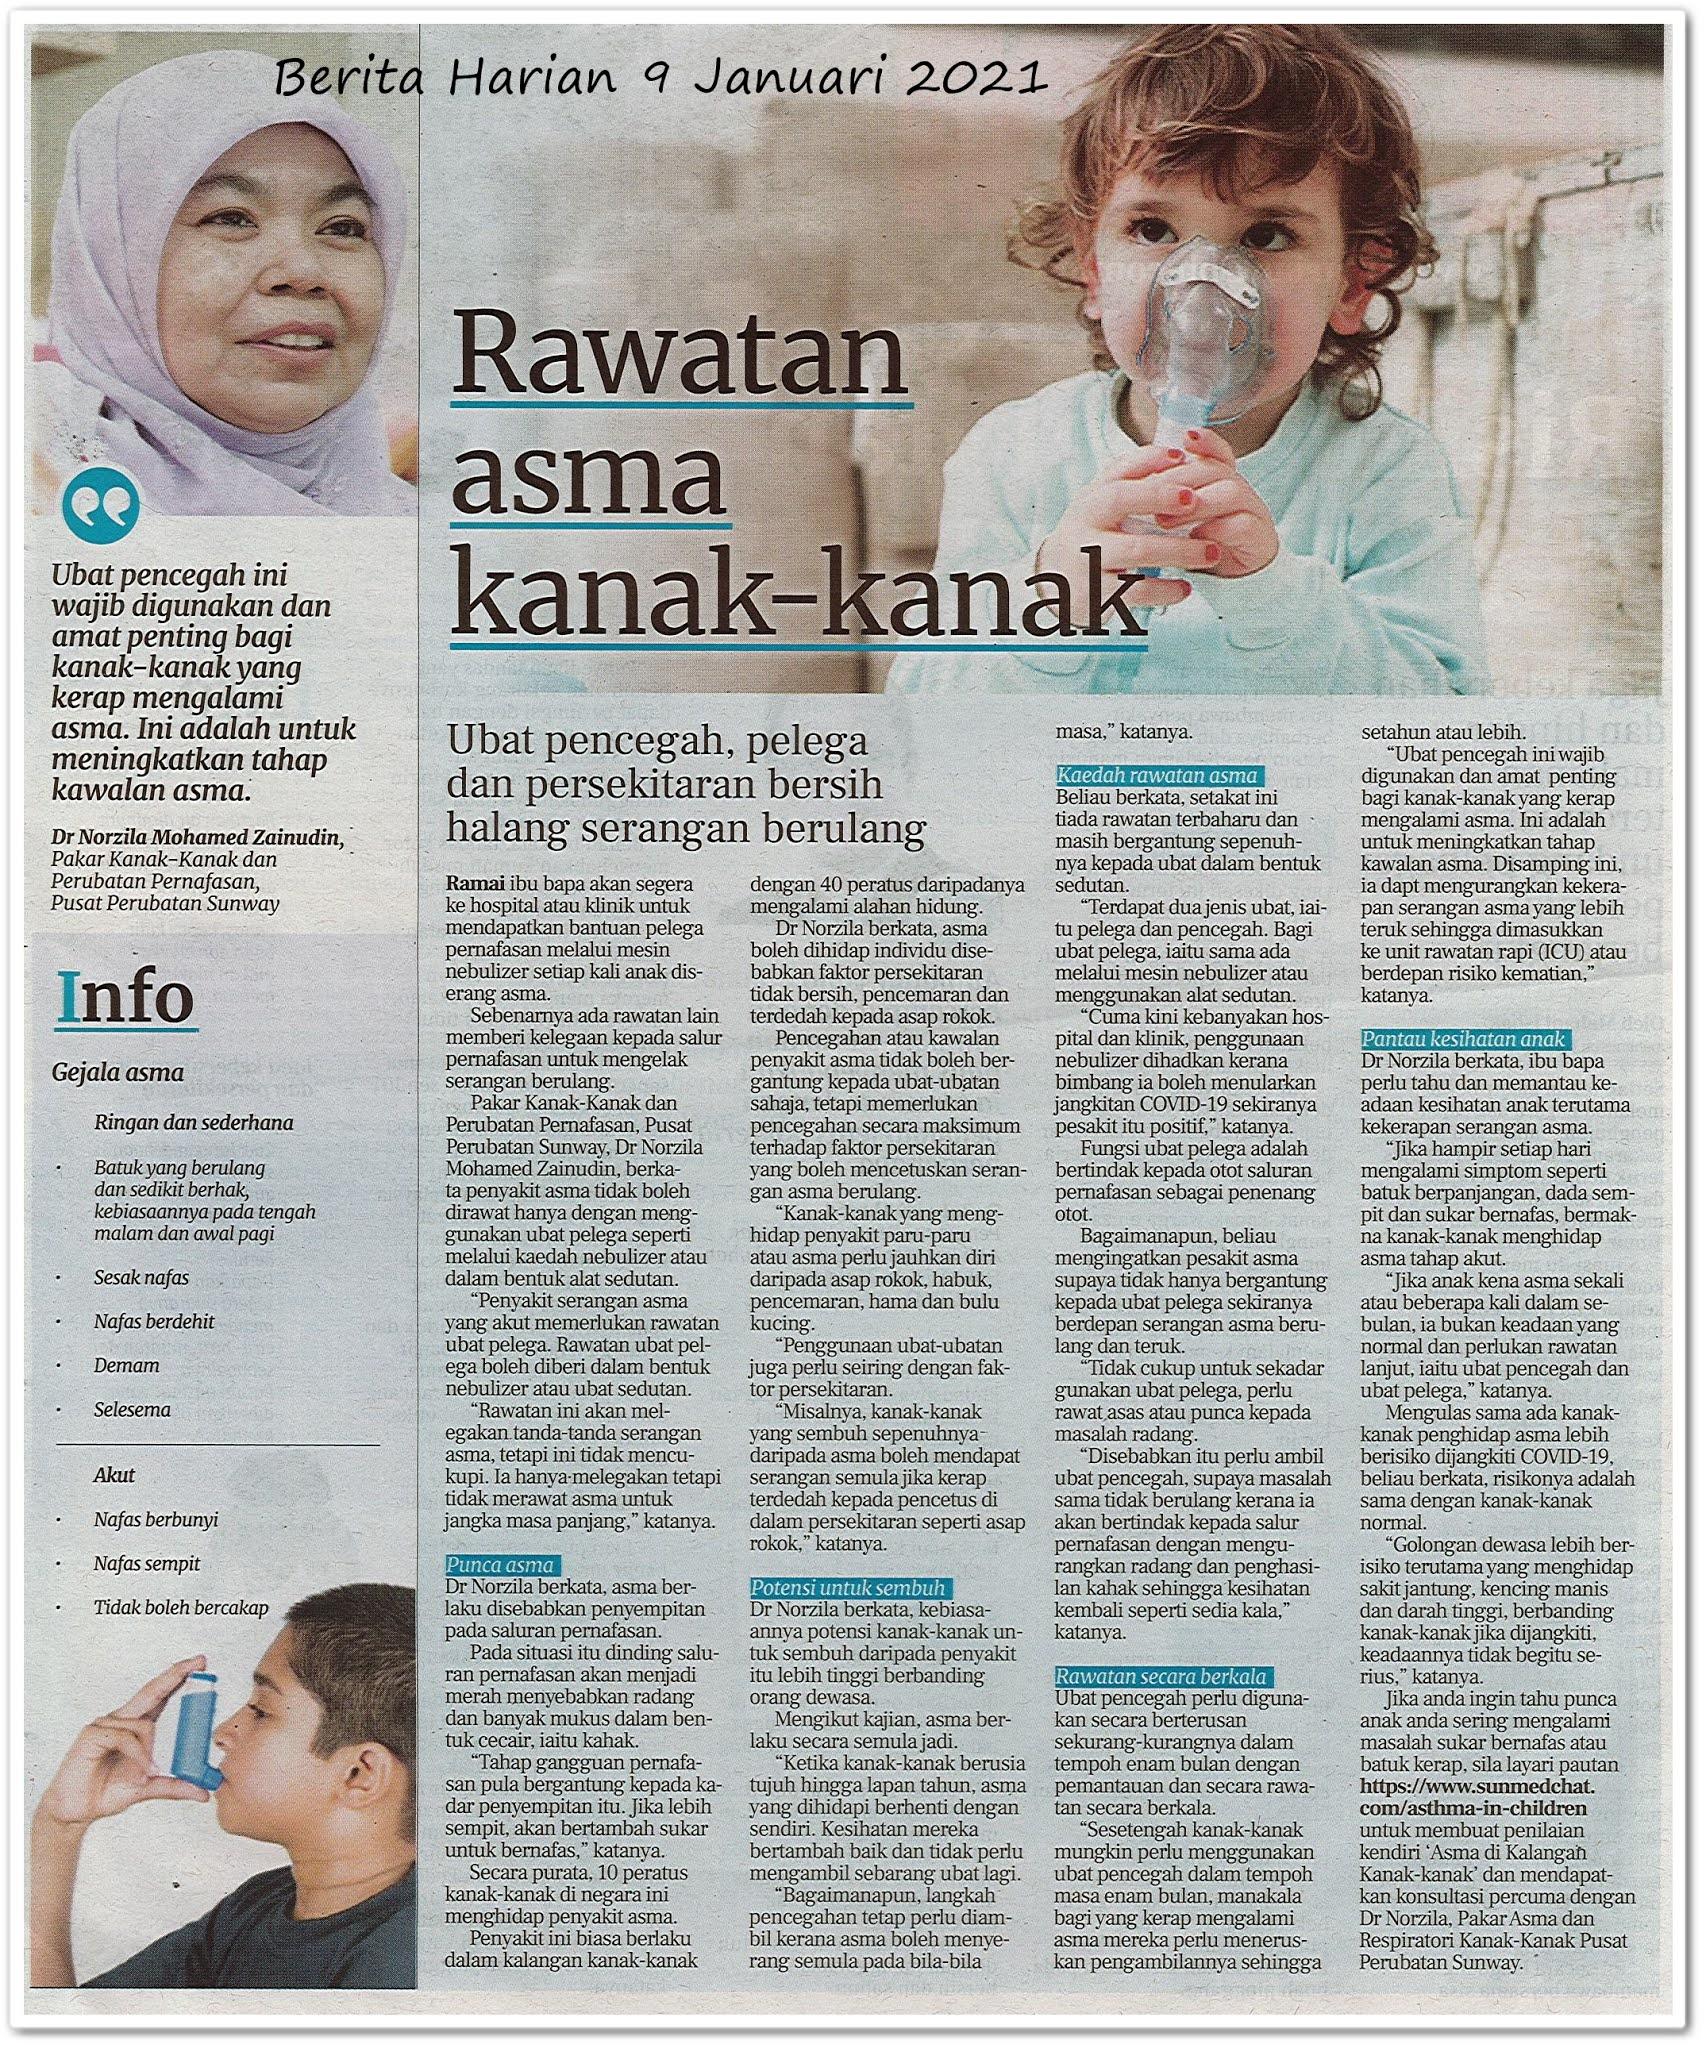 Rawatan asma kanak-kanak - Keratan akhbar Berita Harian 9 Januari 2021